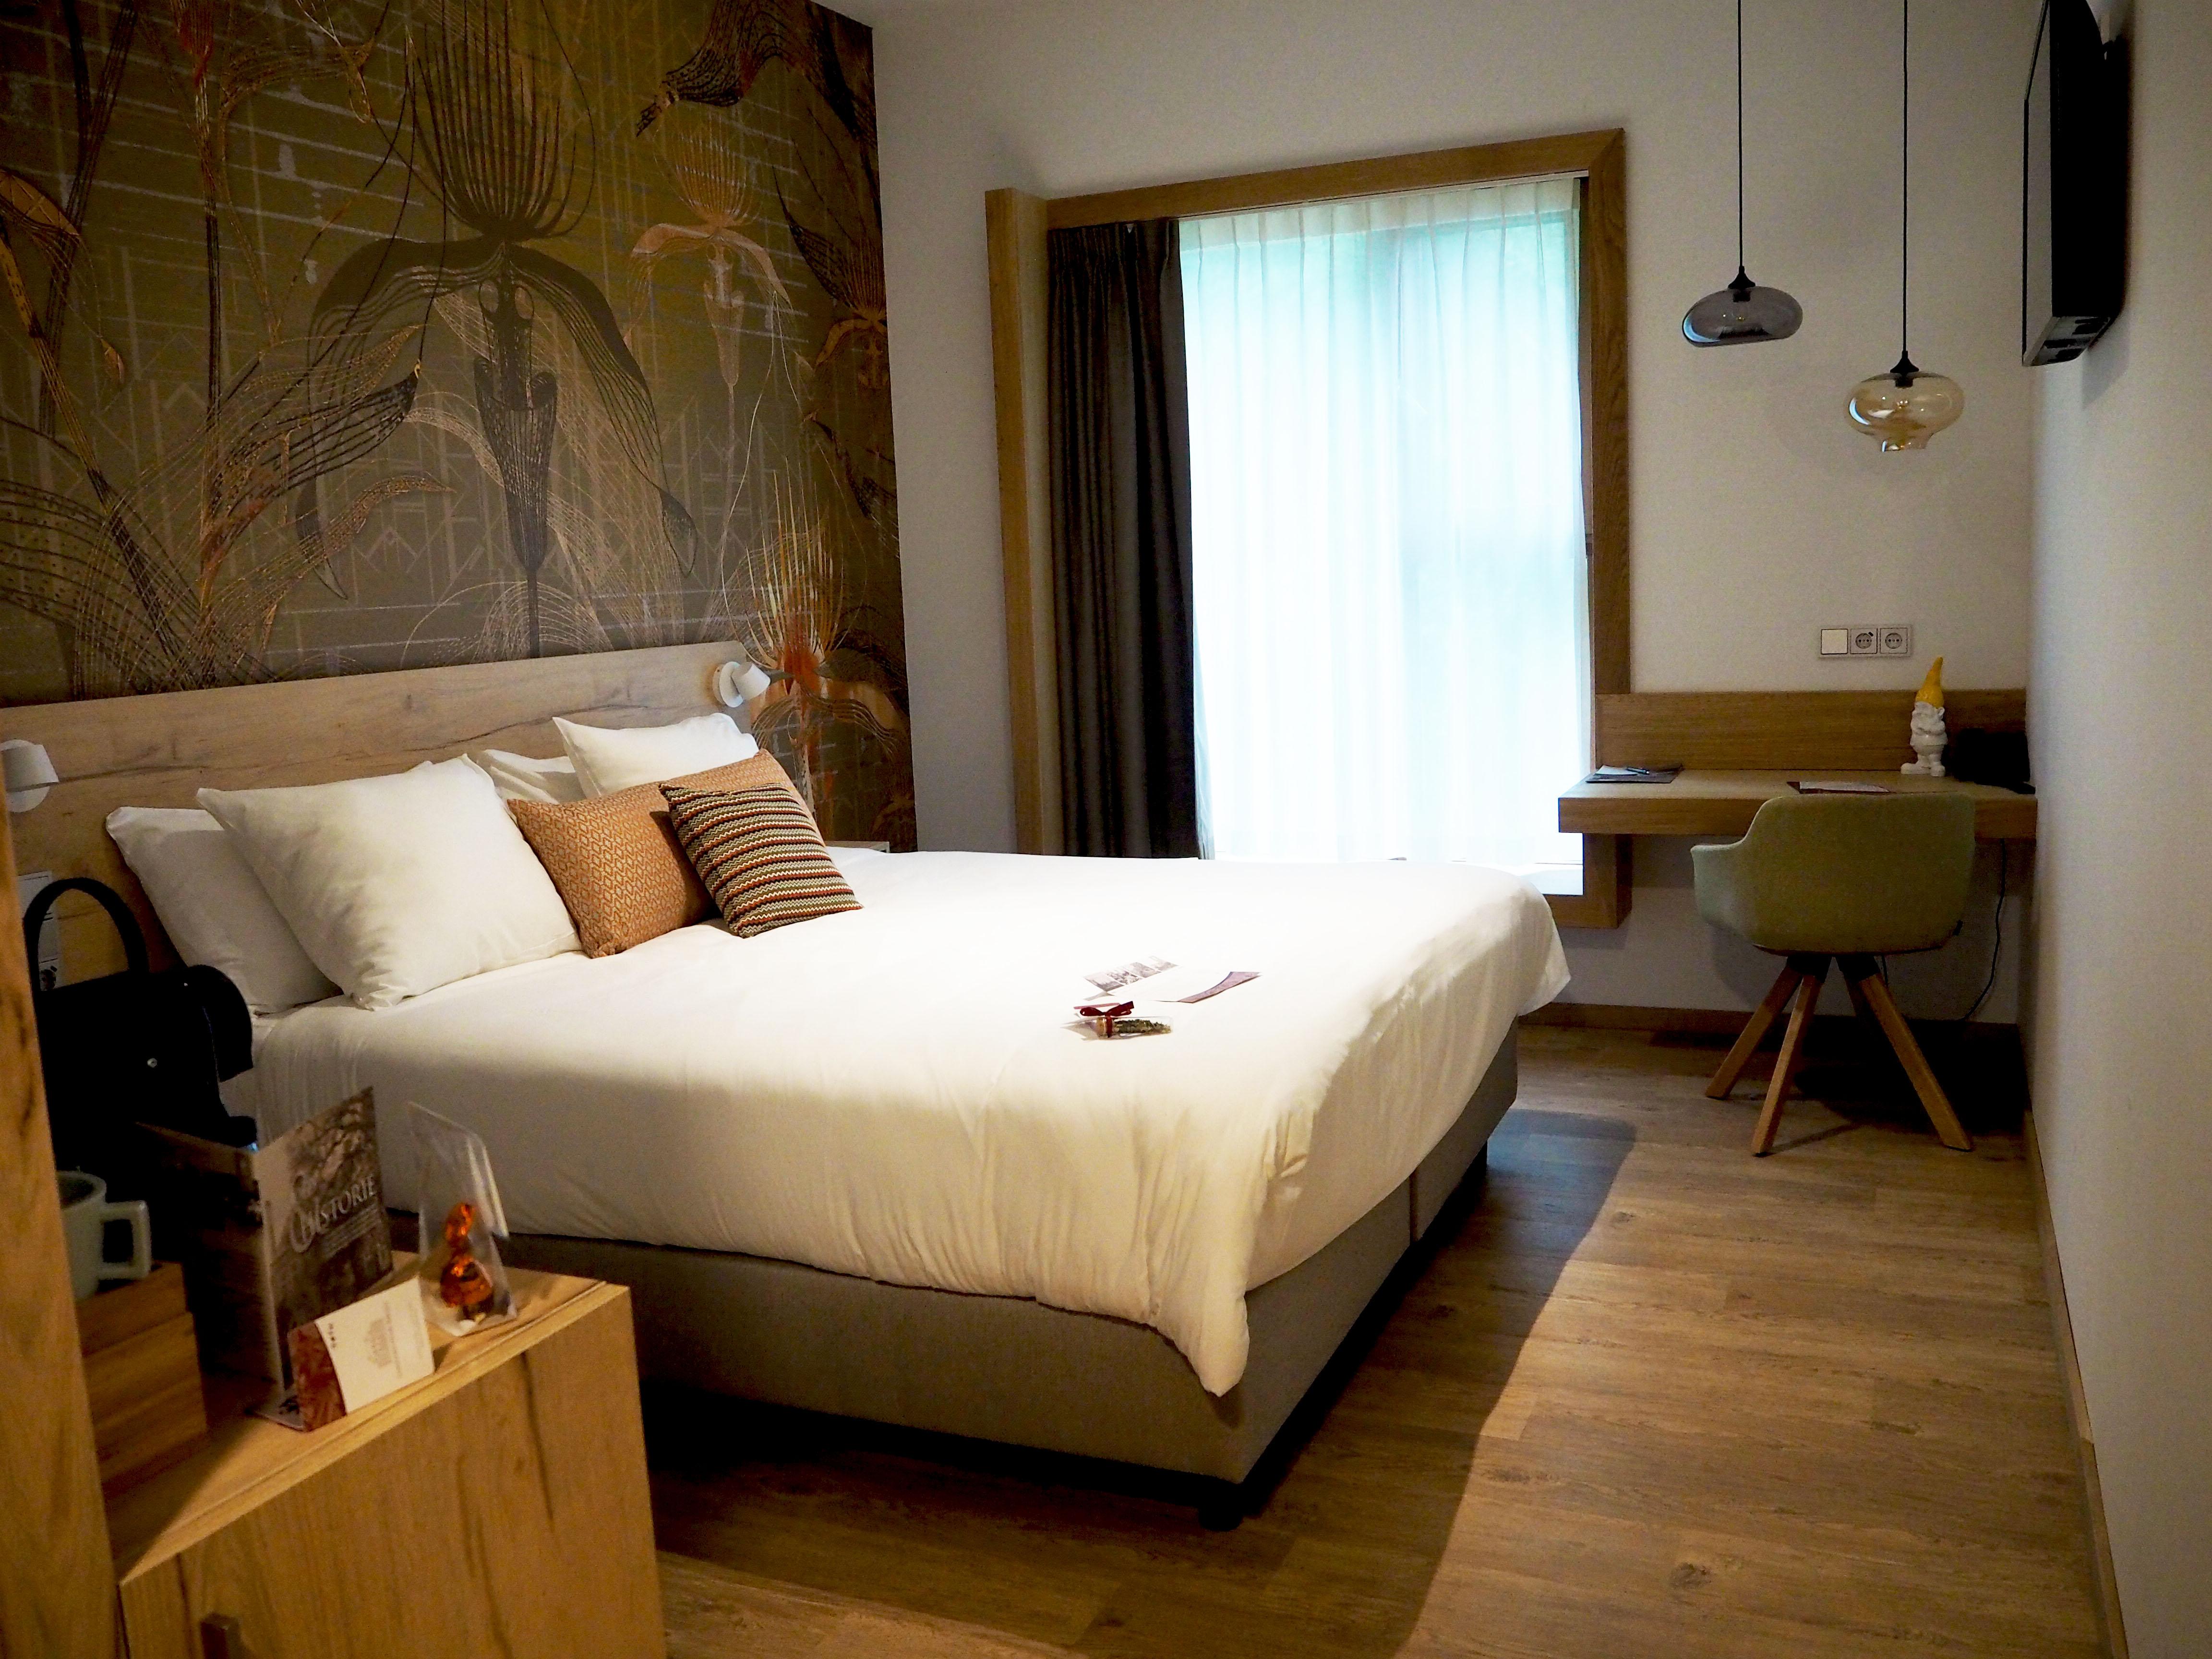 Deluxe tweepersoons hotelkamer huize Bergen